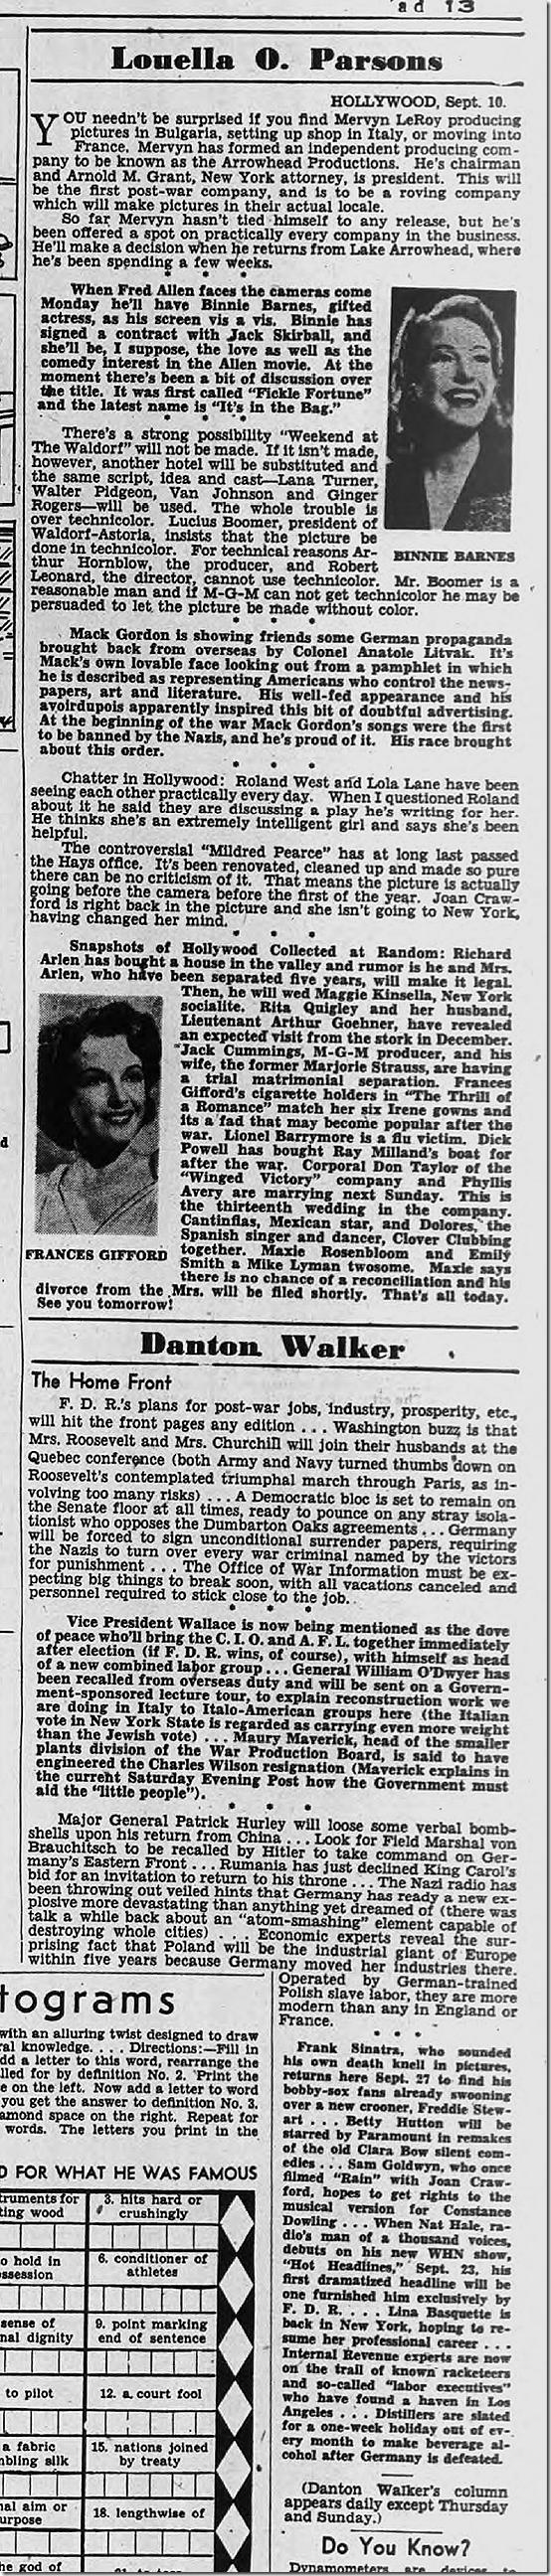 Sept. 11, 1944, Louella Parsons